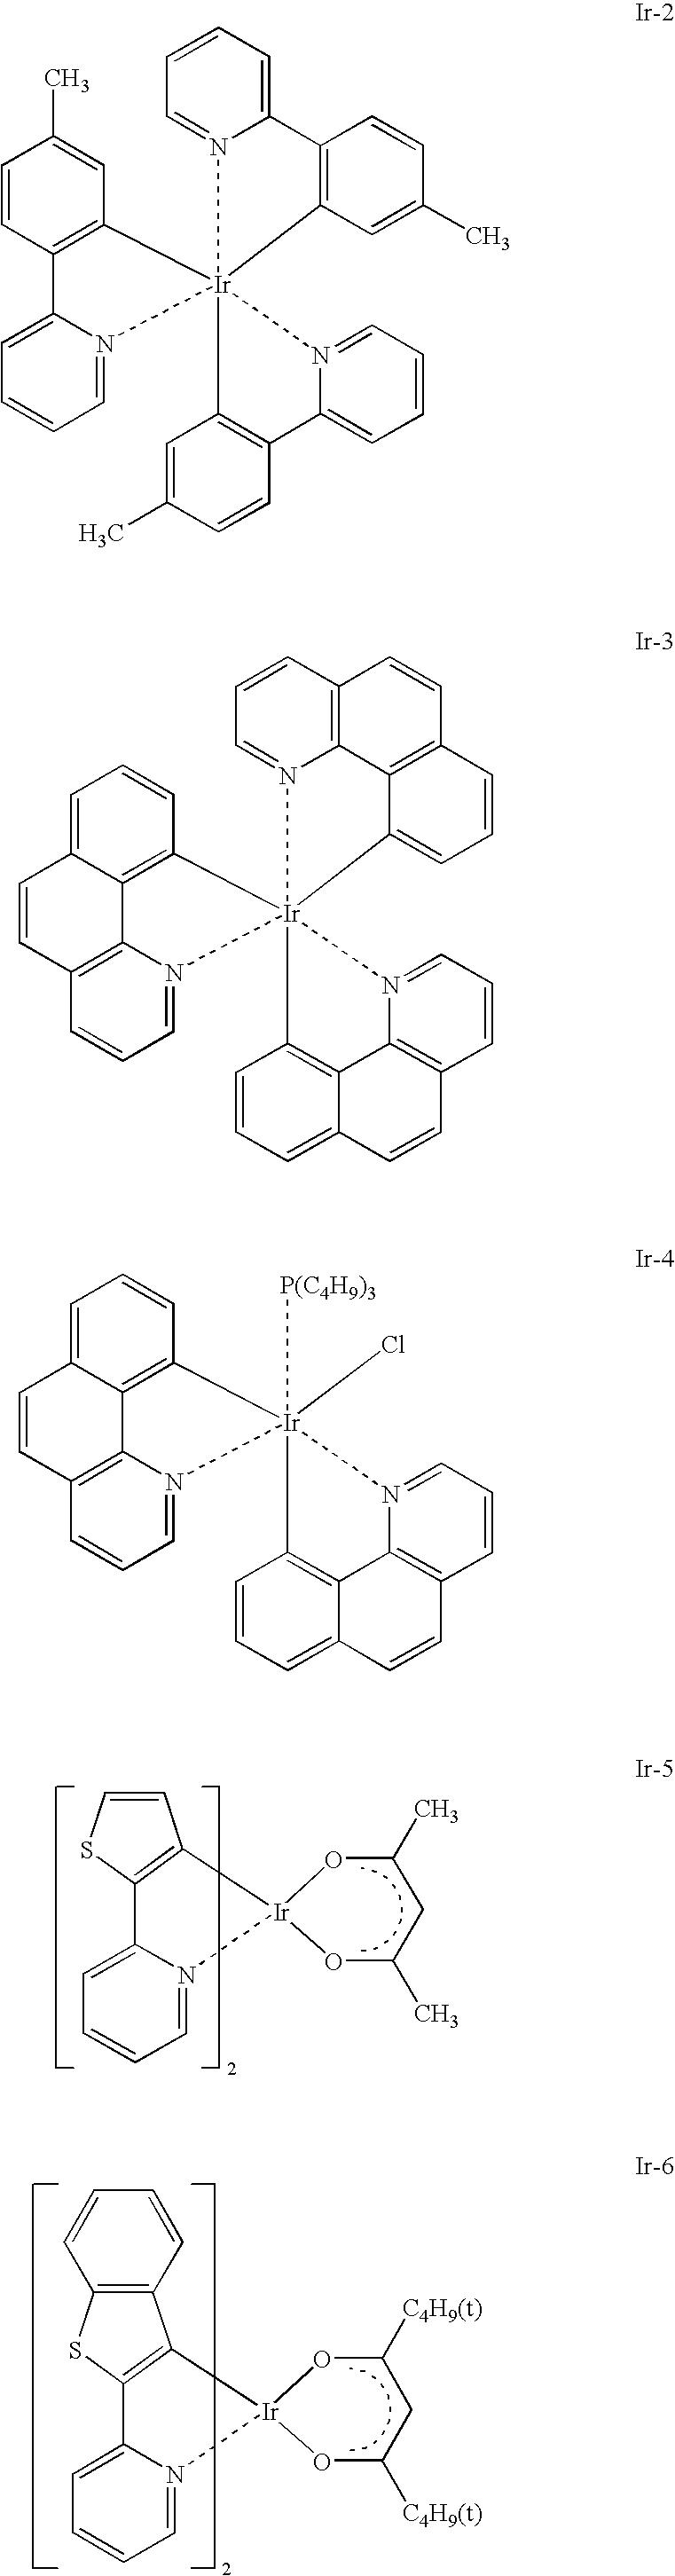 Figure US08053765-20111108-C00016